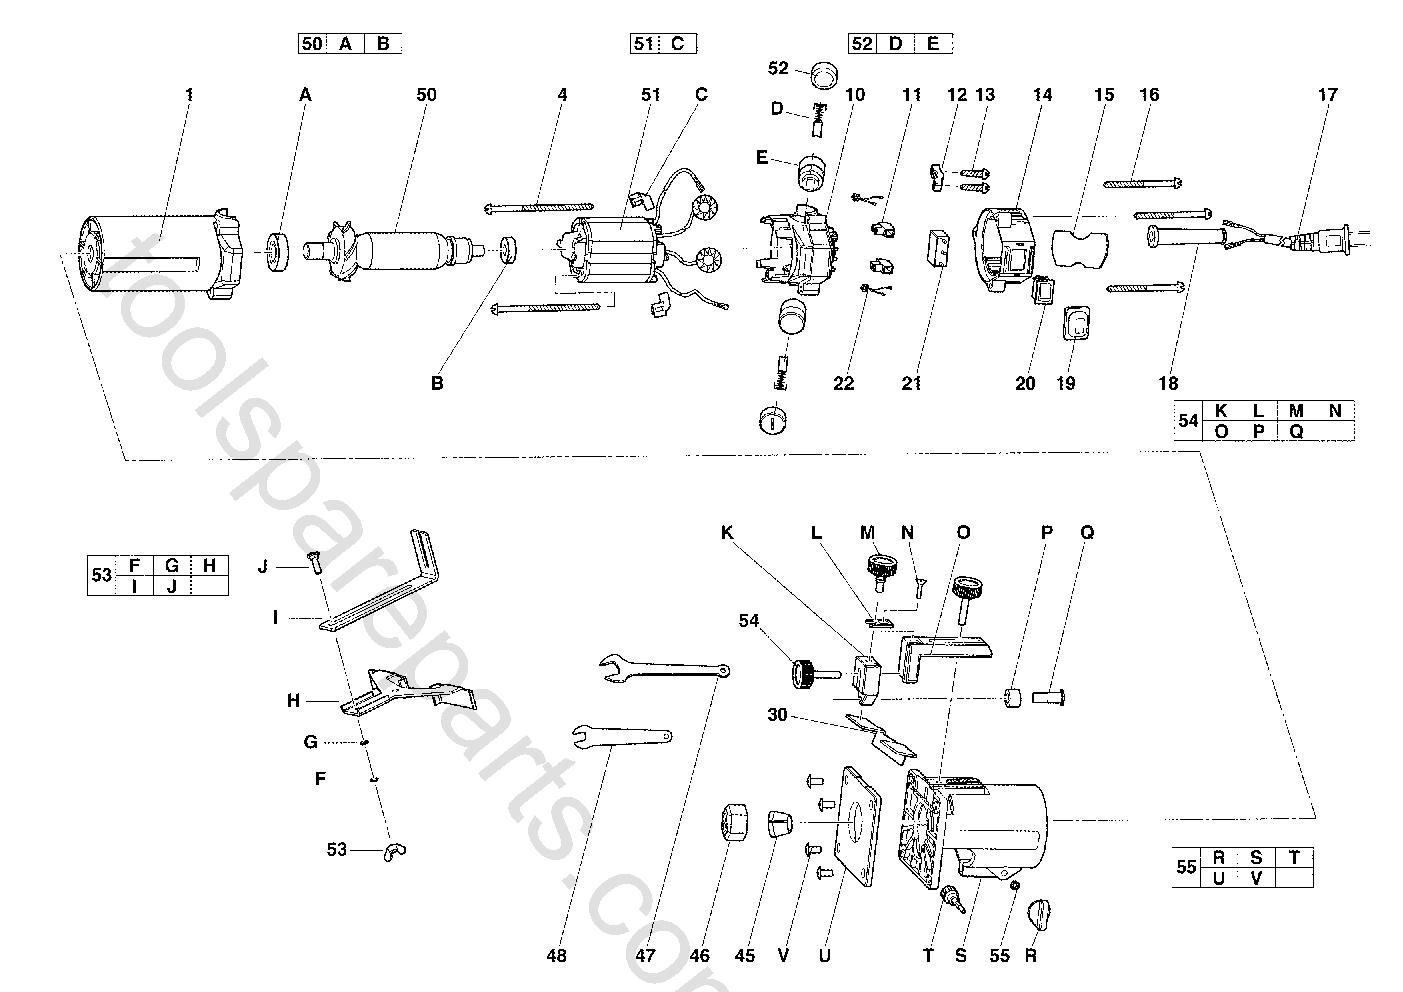 AEG LT400  Diagram 1